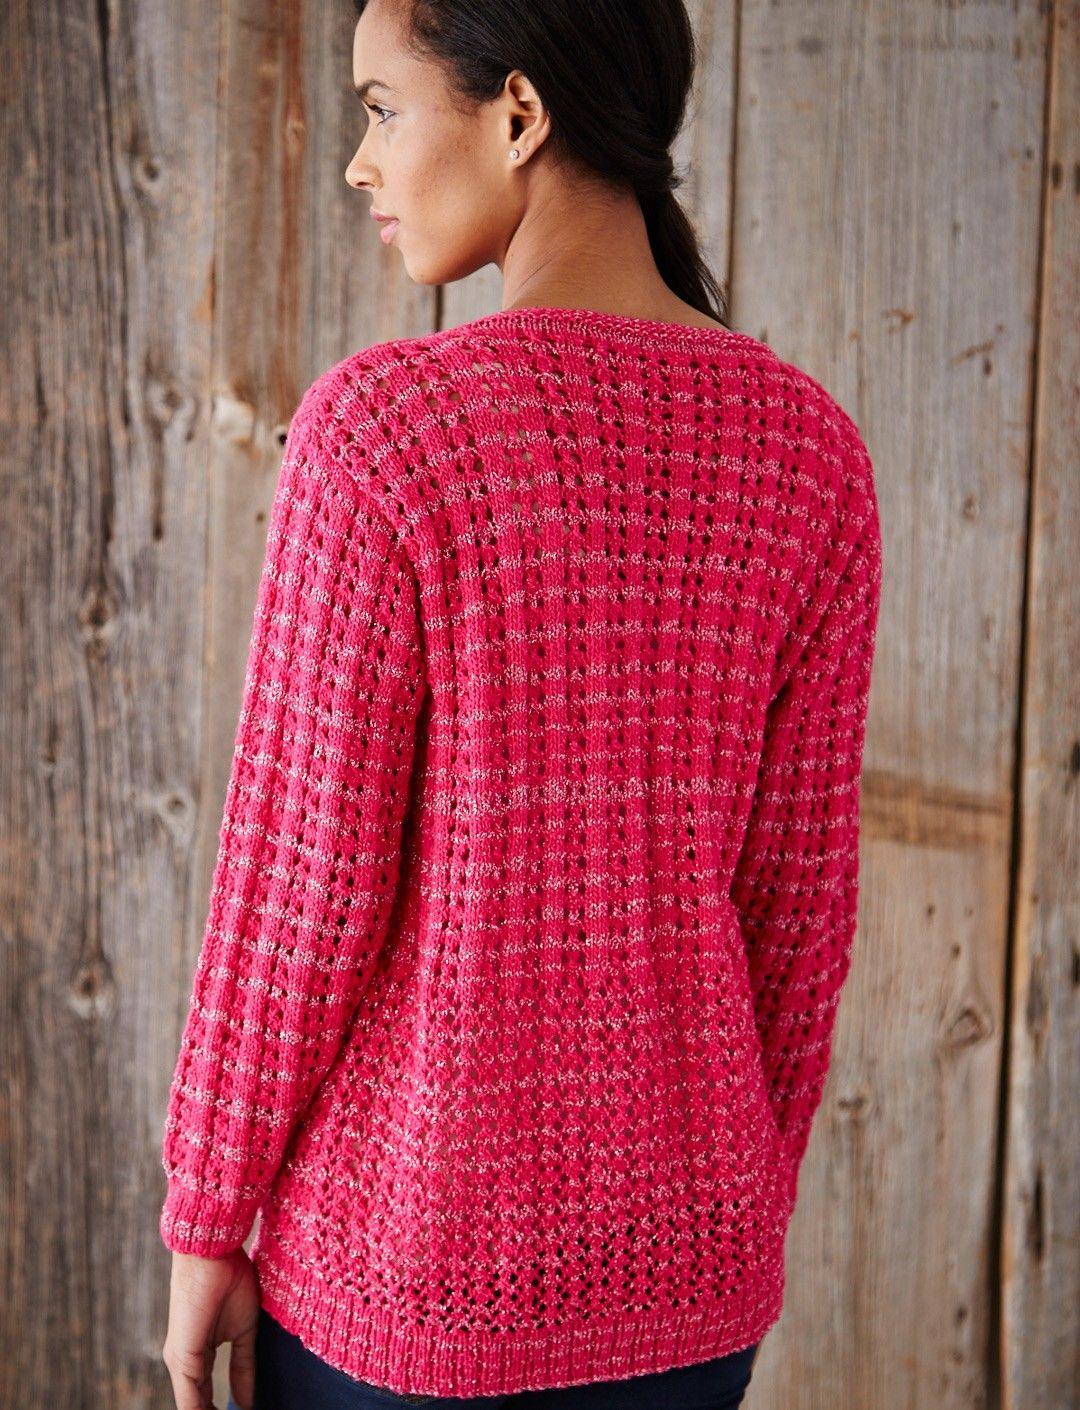 Yarnspirations.com - Patons Mixed Stitch Cardigan - Free Pattern ...